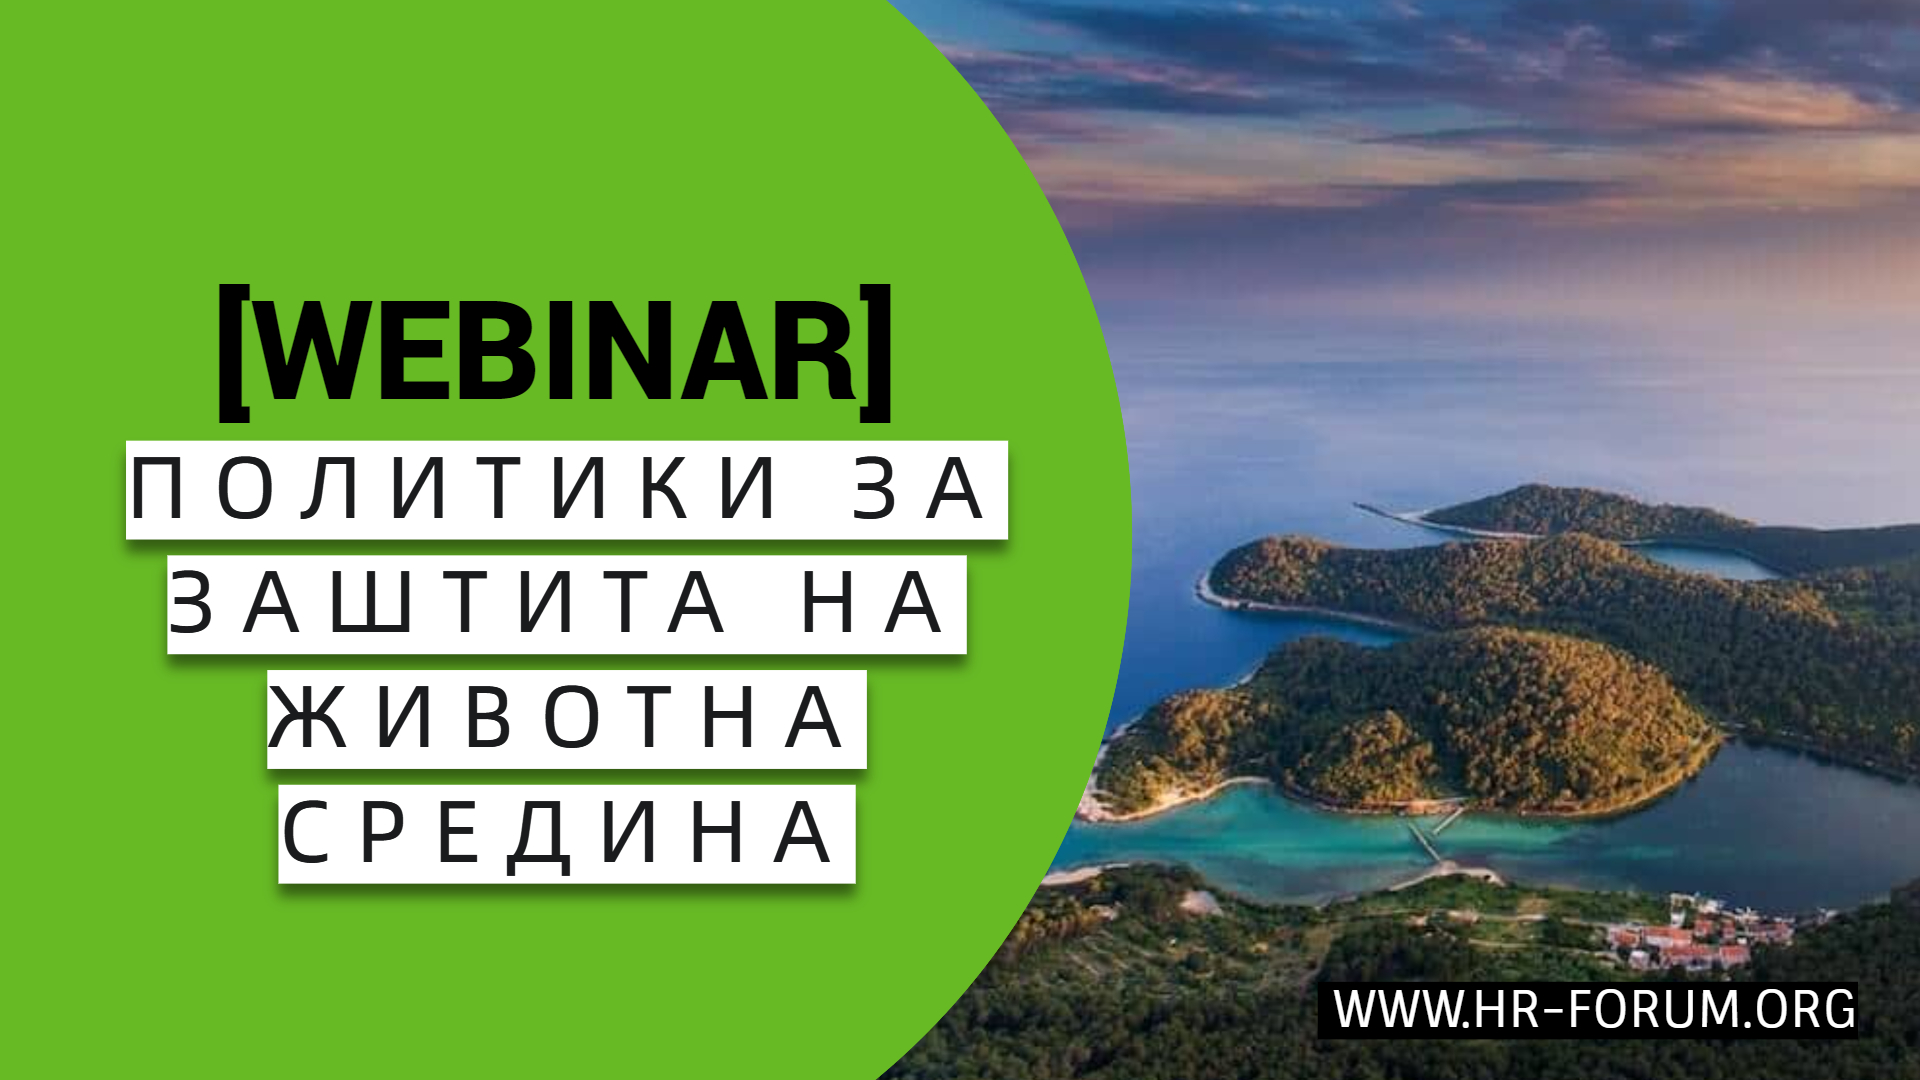 Хрватски Форум организираше вебинар за зелени политики